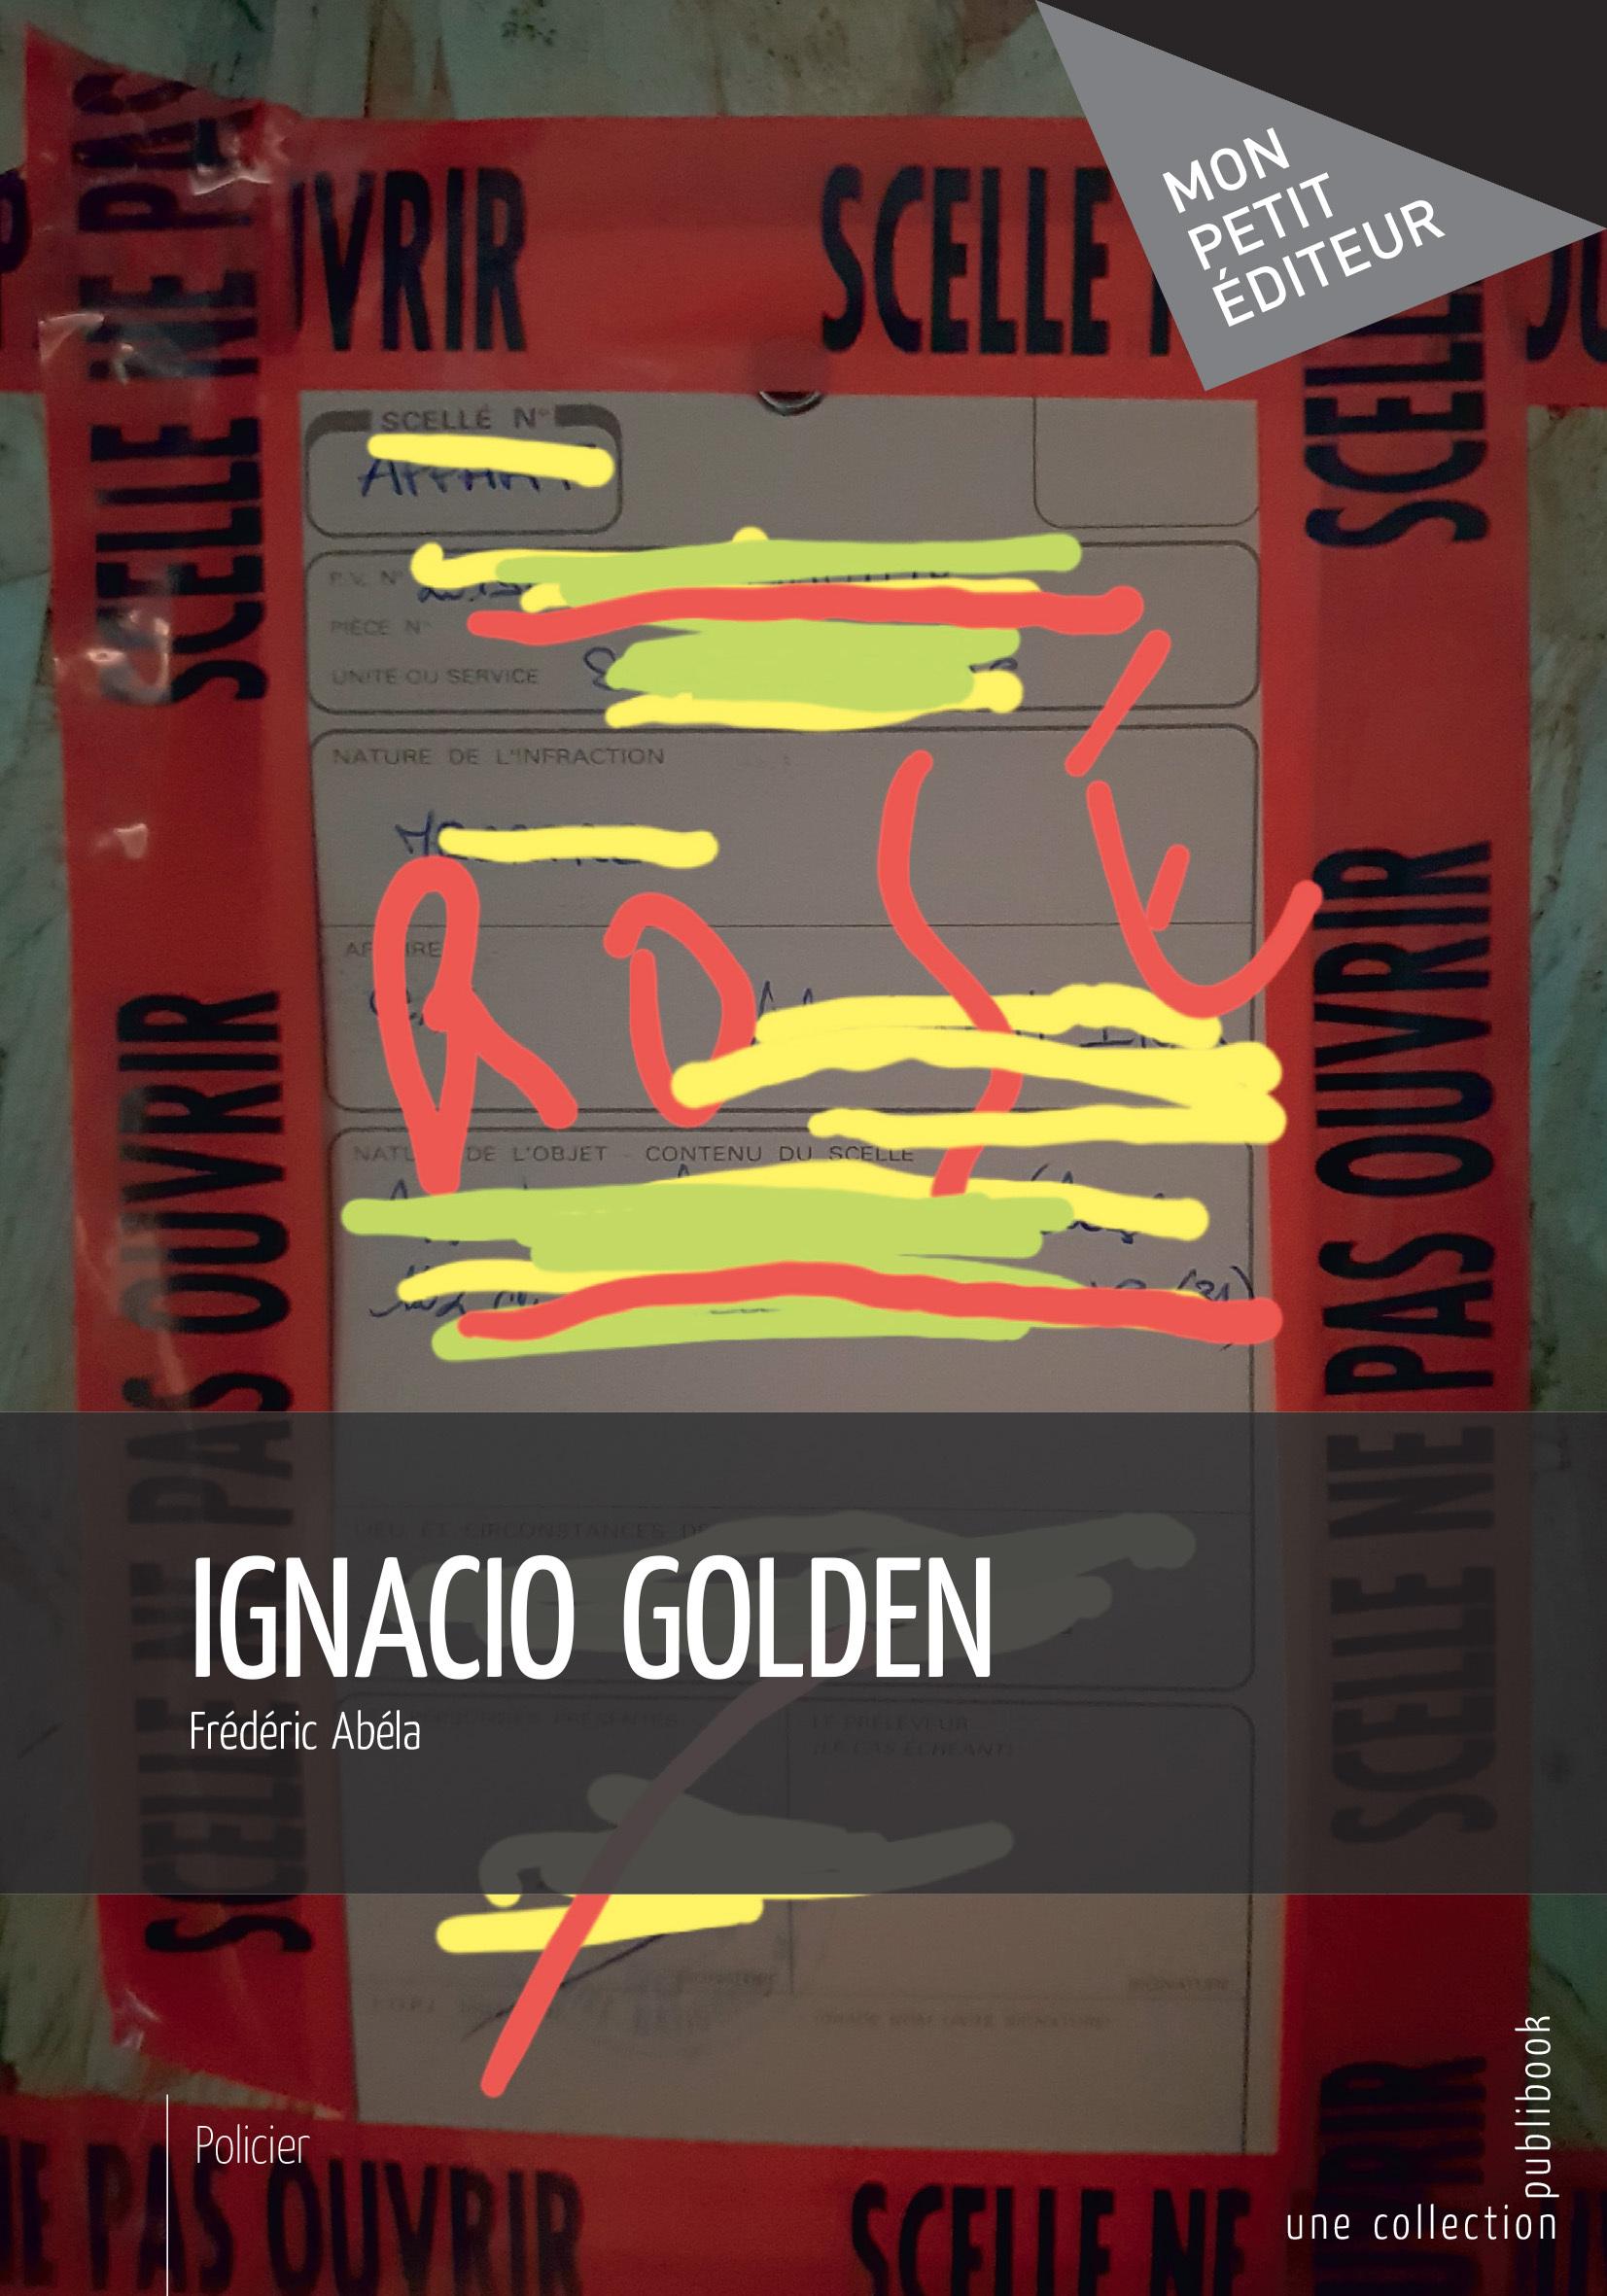 IGNACIO GOLDEN